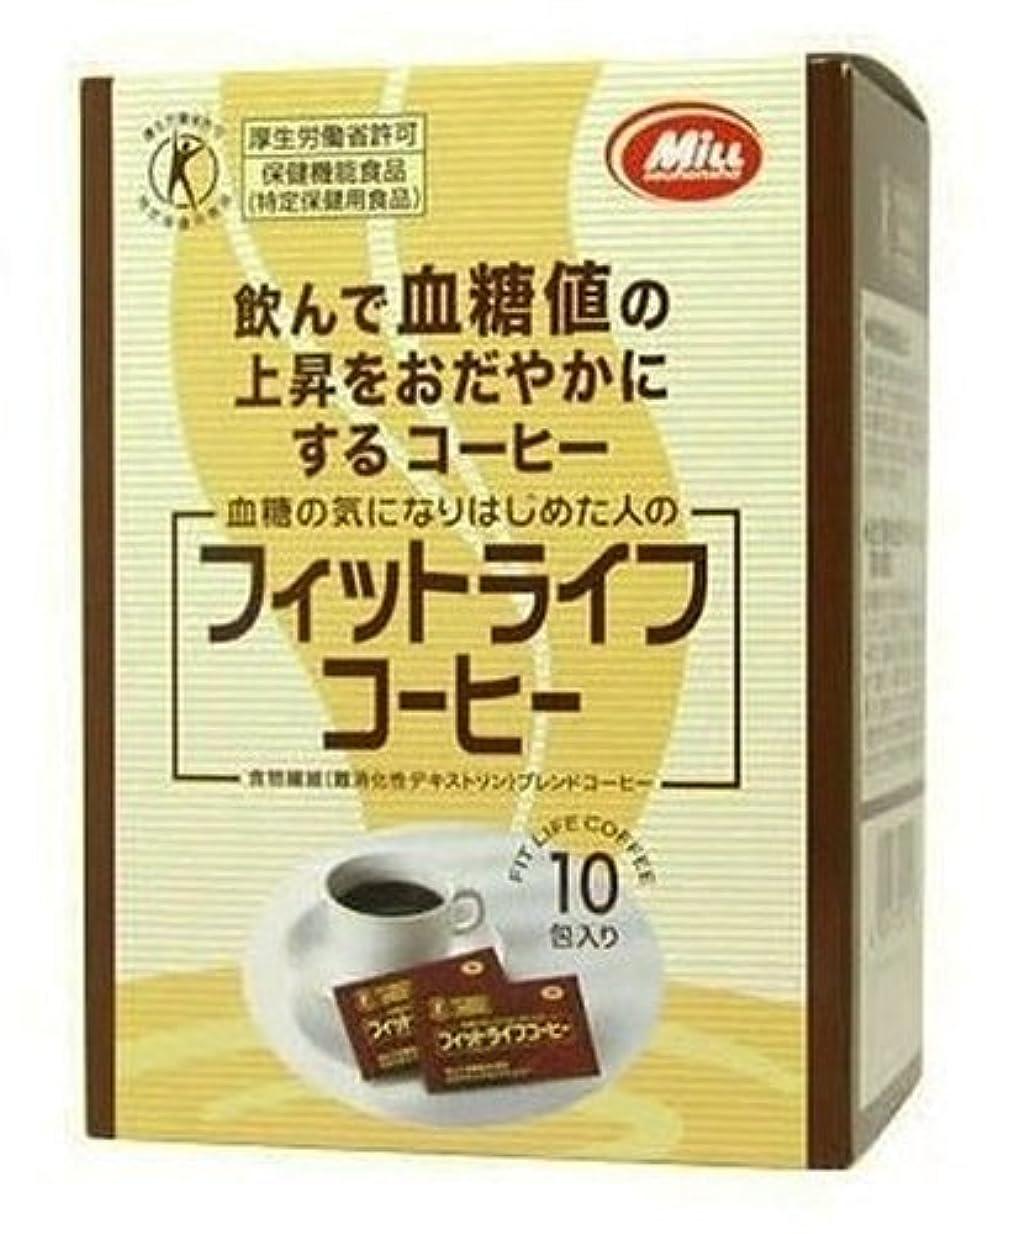 ワーカー辞任納屋フィットライフコーヒー 10包 (特定保健用食品)